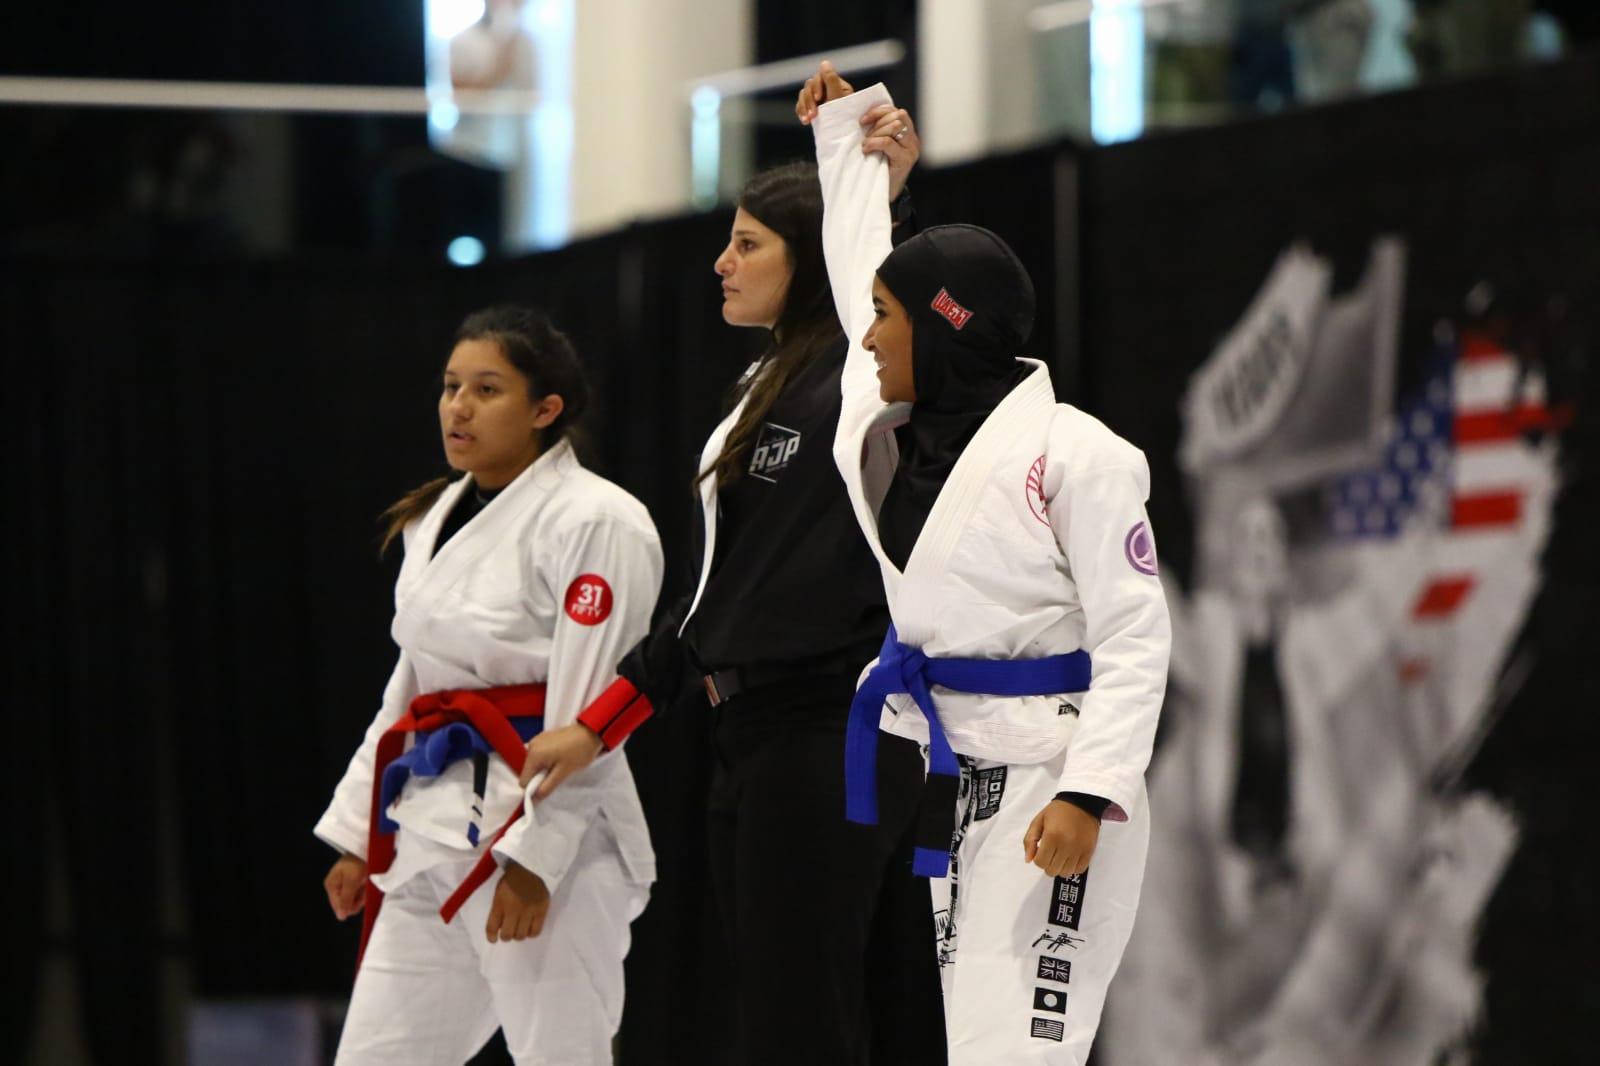 43 ميدالية ملونة لأبطال الإمارات في لوس أنجلوس جراند سلام للجوجيتسو